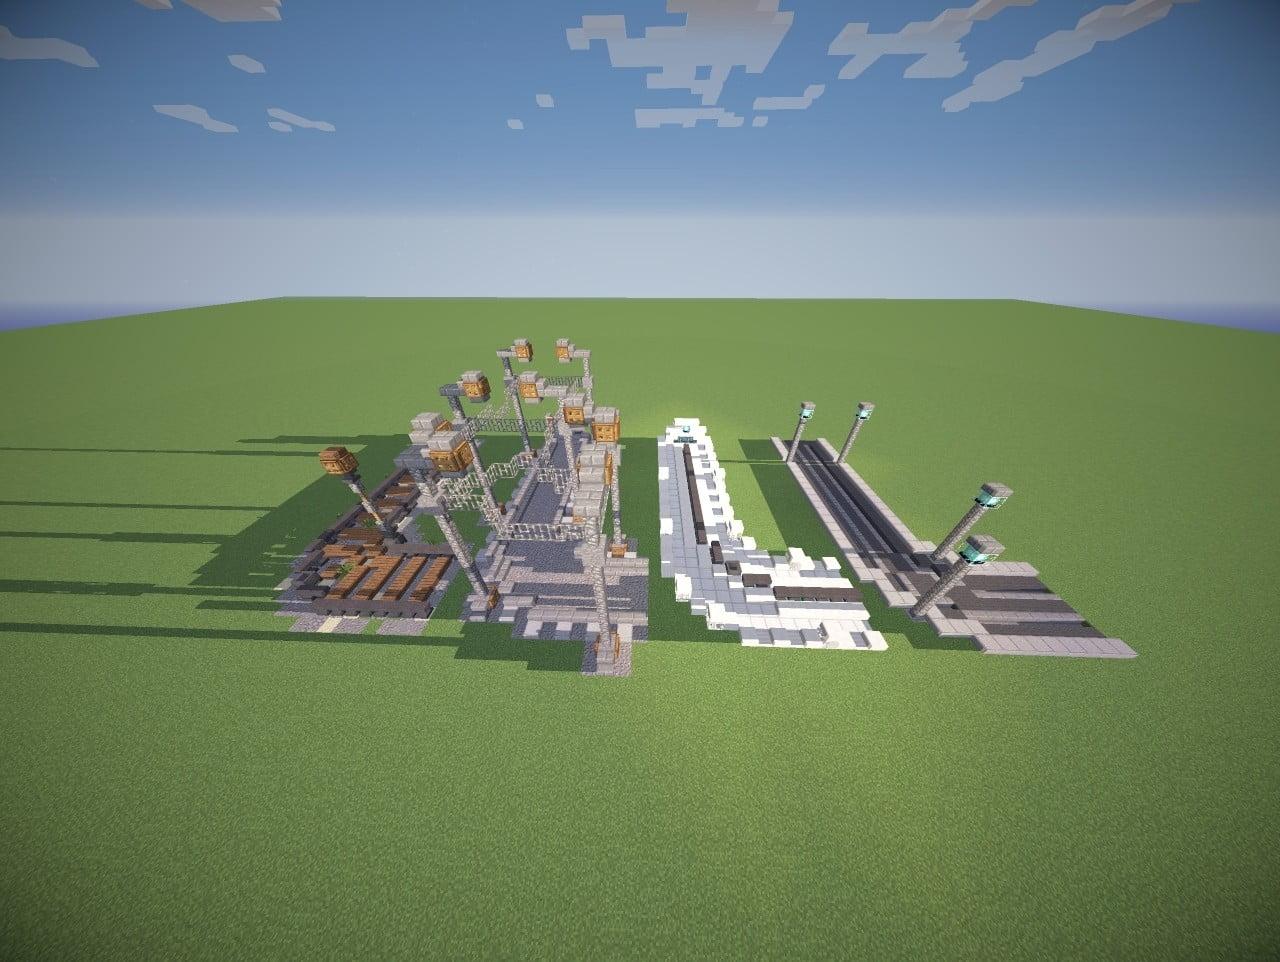 ᐅ Verschiedene Schienen Designs Als Dekoration In Minecraft Bauen